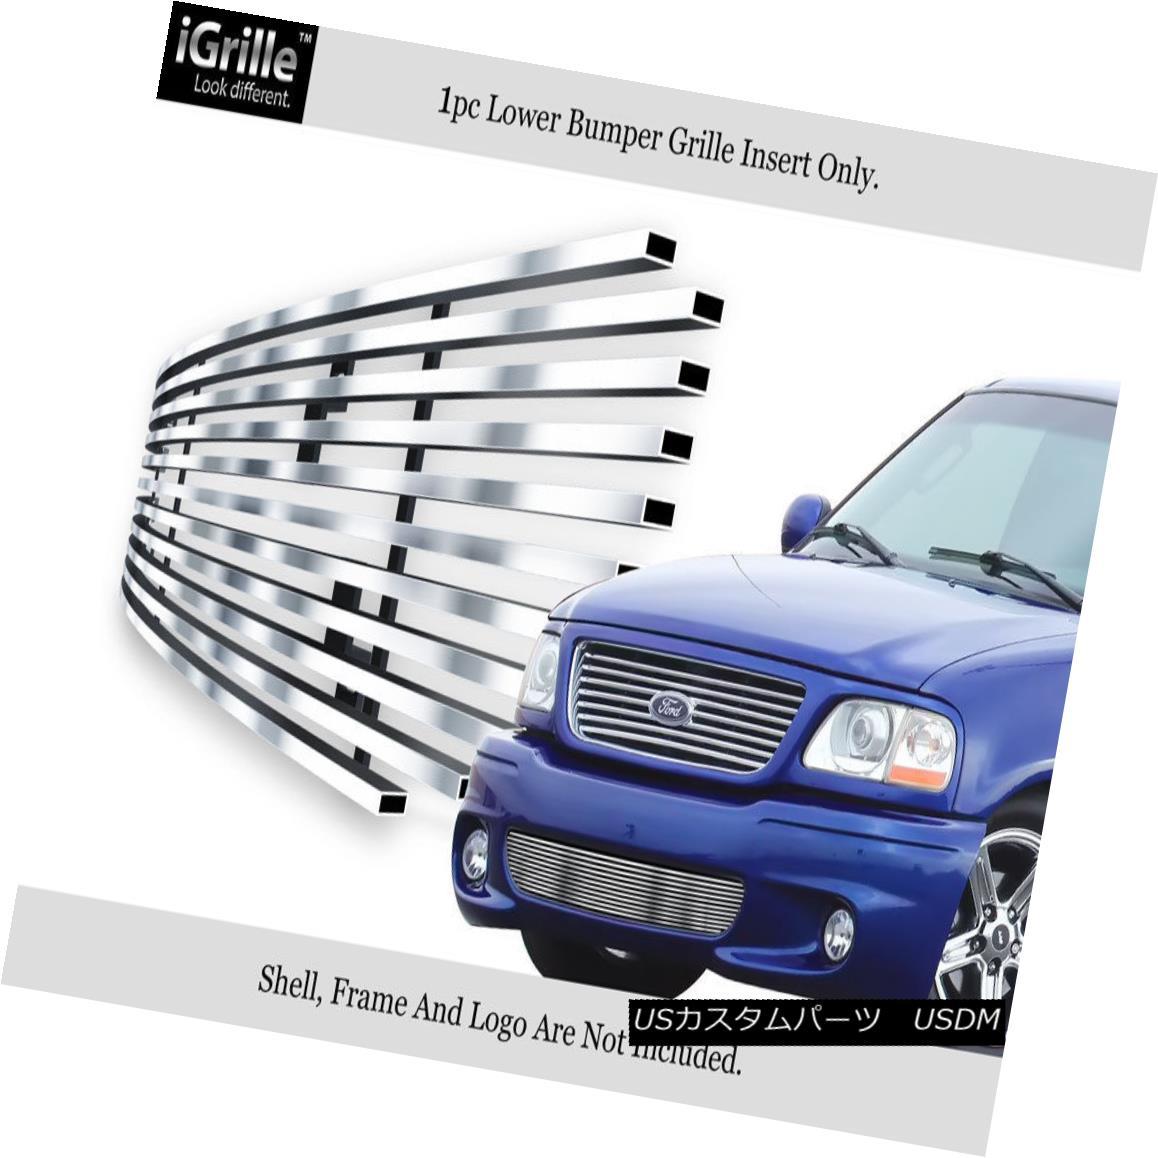 グリル For 99-03 Ford F-150 Lightning Bumper Stainless Steel Billet Grille Insert 99-03フォードF-150ライトニングバンパー用ステンレス鋼ビレットグリルインサート